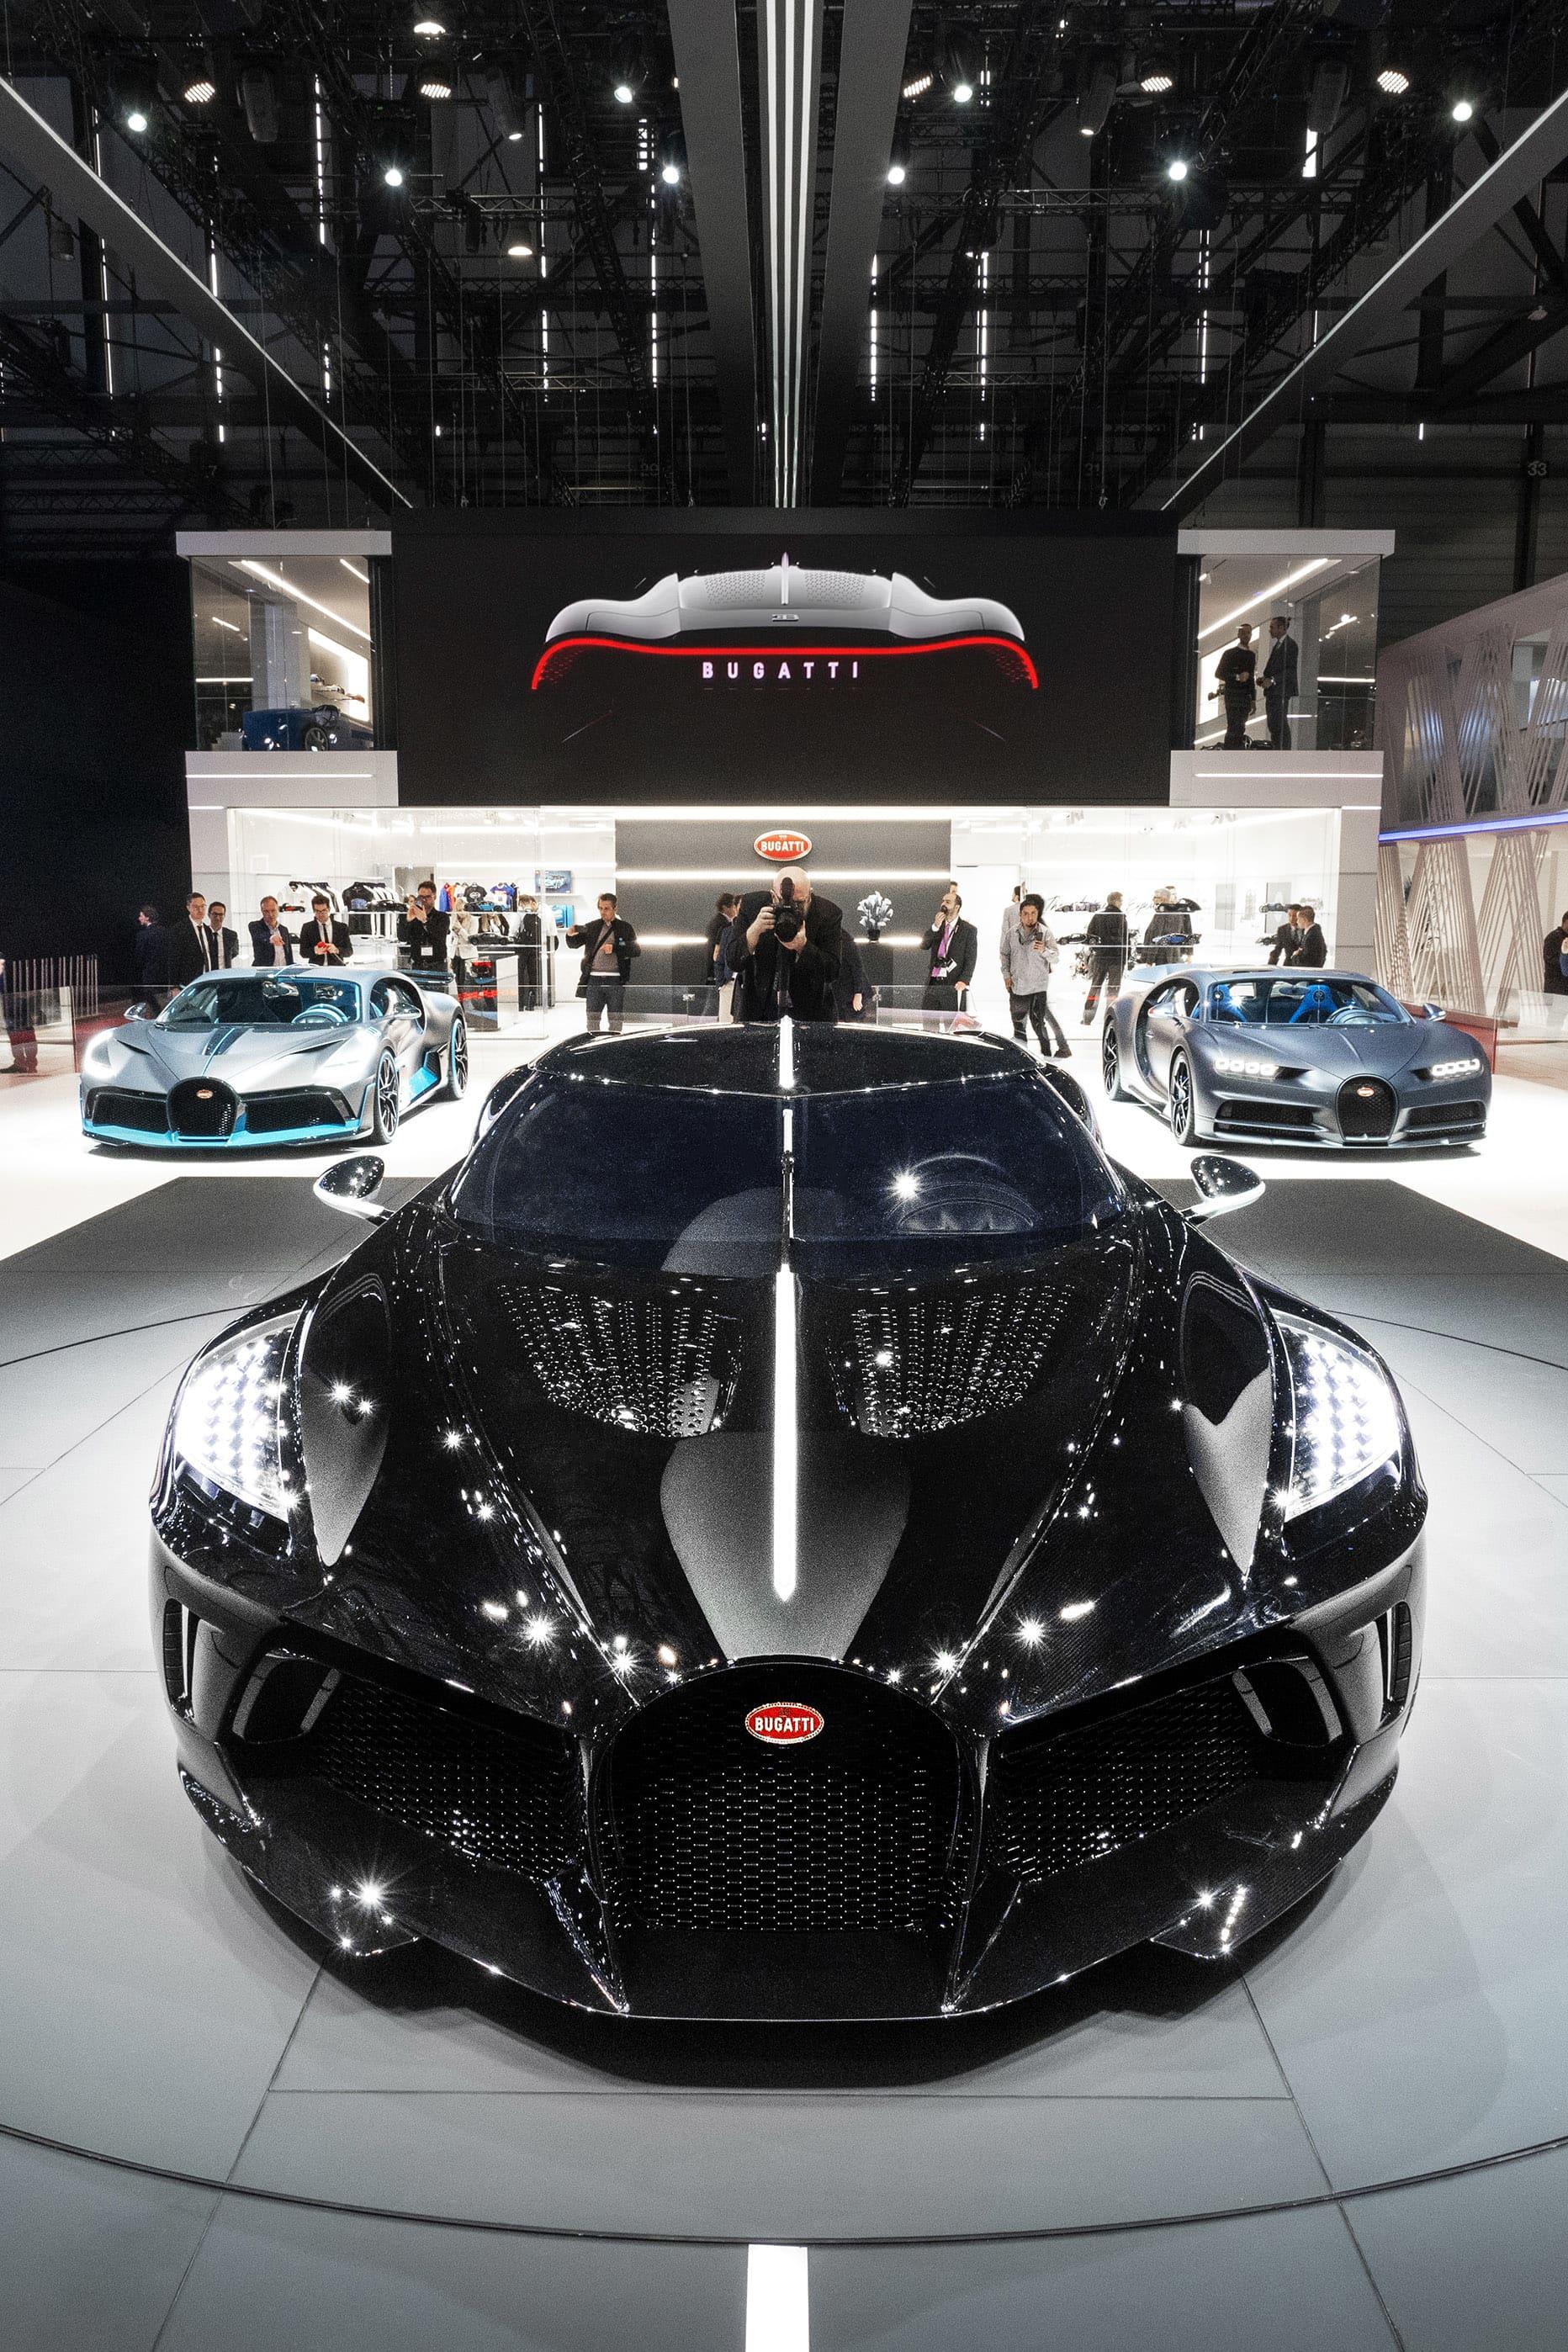 """Bugatti La Voiture Noire, Diva och """"110 ans Bugatti"""" - mässans dyrgripar.  Mässans absolut dyraste bilar var kanske inte så förvånande från Bugatti. Med endast tre bilar i sin monter var troligen det sammanlagda värdet mer än resten av samtliga märken de delade hall med. Mässans stjärna blev utan tvekan modellen La Voiture Noire """"Den svarta bilen"""". Endast ett ex kommer byggas och ryktet säger att det är den forna Volkswagengruppägaren Ferdinand Piëch som är personen som beställt bilen. Prislappen på denna unika bil som inspirerats av den klassiska Bugatti modellen 57 SC Atlantic landar på 16,7 miljoner euro innan skatt. Det var dock inte den enda bilen i montern värd att nämna eftersom man även visade upp Divo samt Chiron Sport """"110 ans Bugatti"""". Den förstnämnda med ett tillverkningstal om 40 ex och en prislapp på 5 miljoner euro och den andra i endast 20 exemplar och till ett pris på 2,65 miljoner euro."""